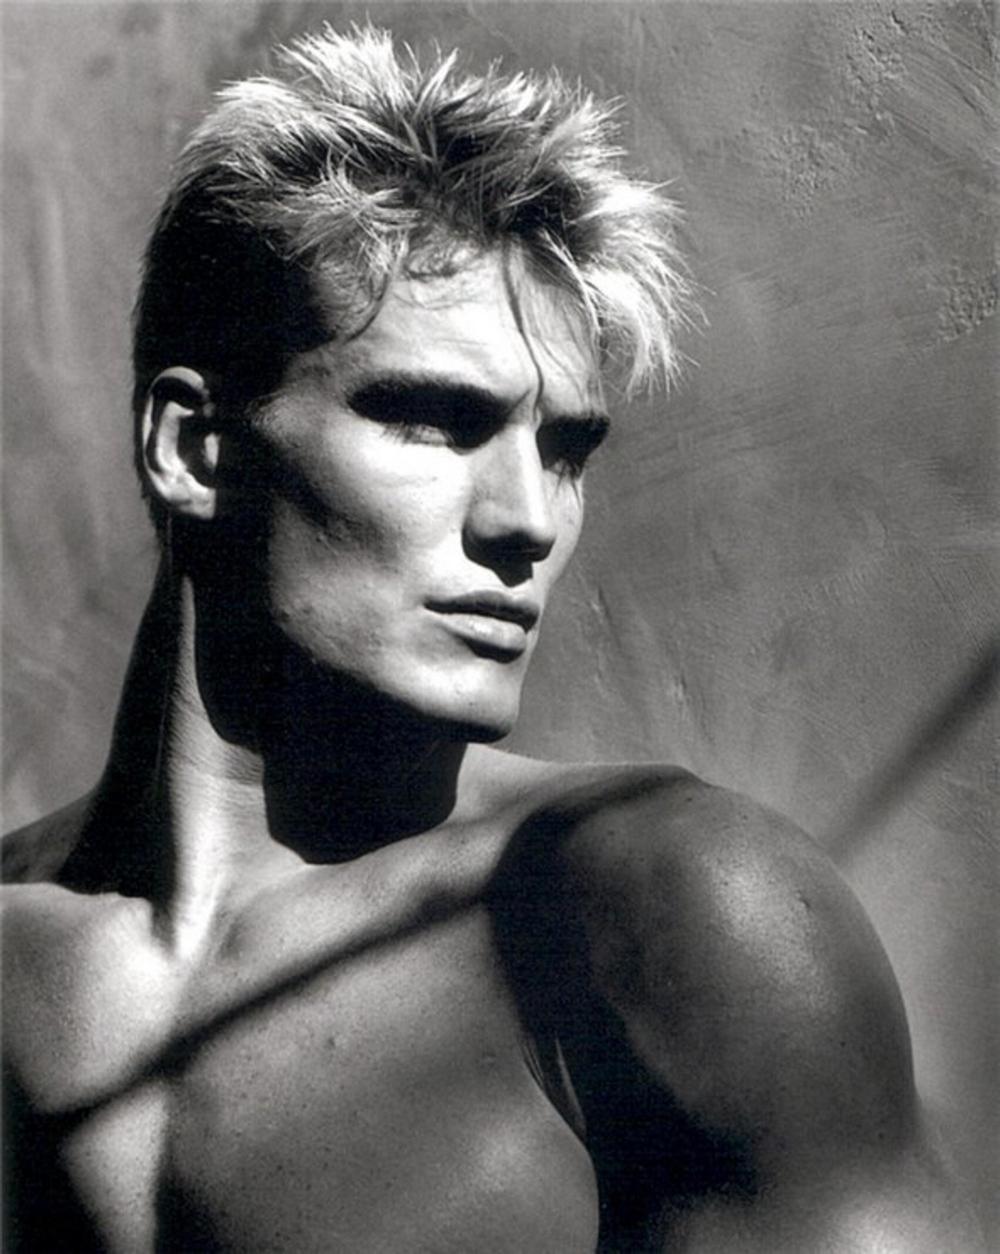 Грег Горман один из лучших в съёмке портретов знаменитостей и непревзойдённый мастер мужского ню 13